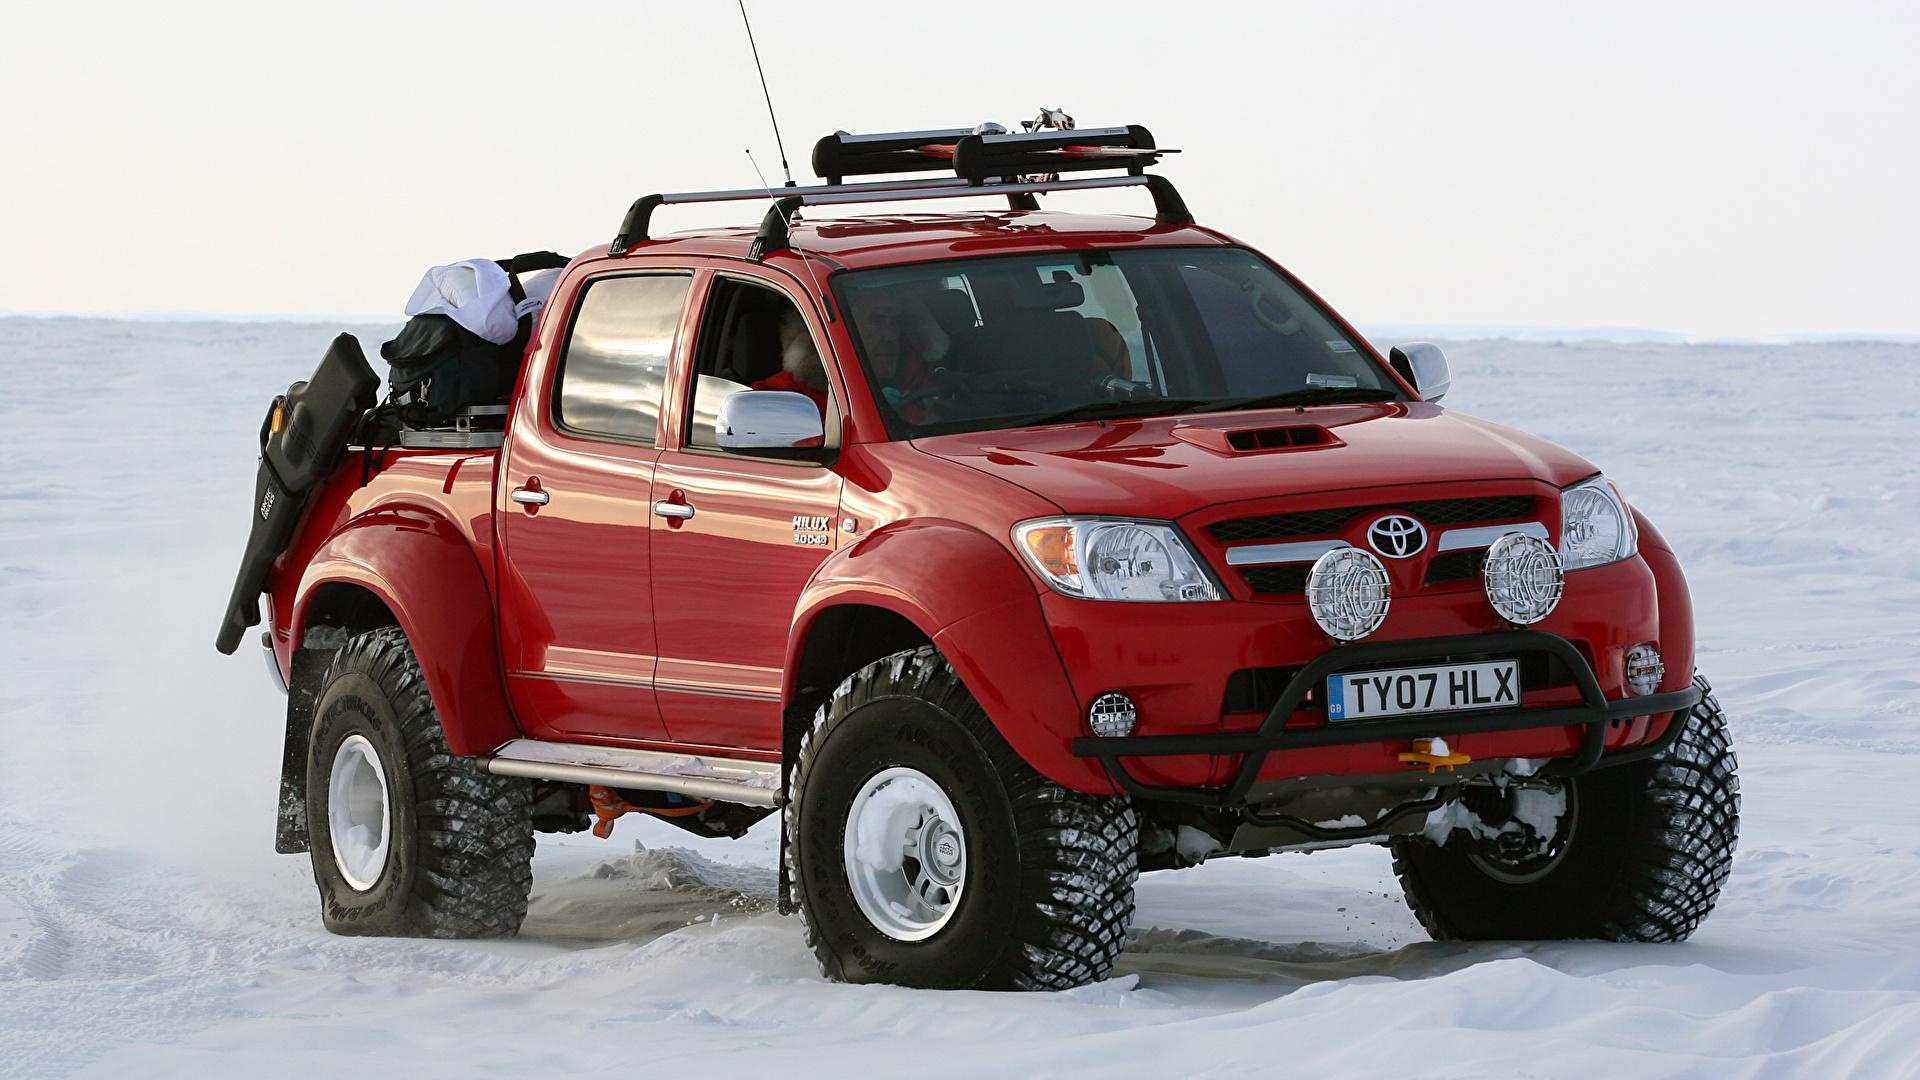 Фотографии Тойота 2007 Arctic Trucks Hilux Invincible AT38 Пикап кузов красная Металлик Автомобили 1920x1080 Toyota красных красные Красный авто машина машины автомобиль